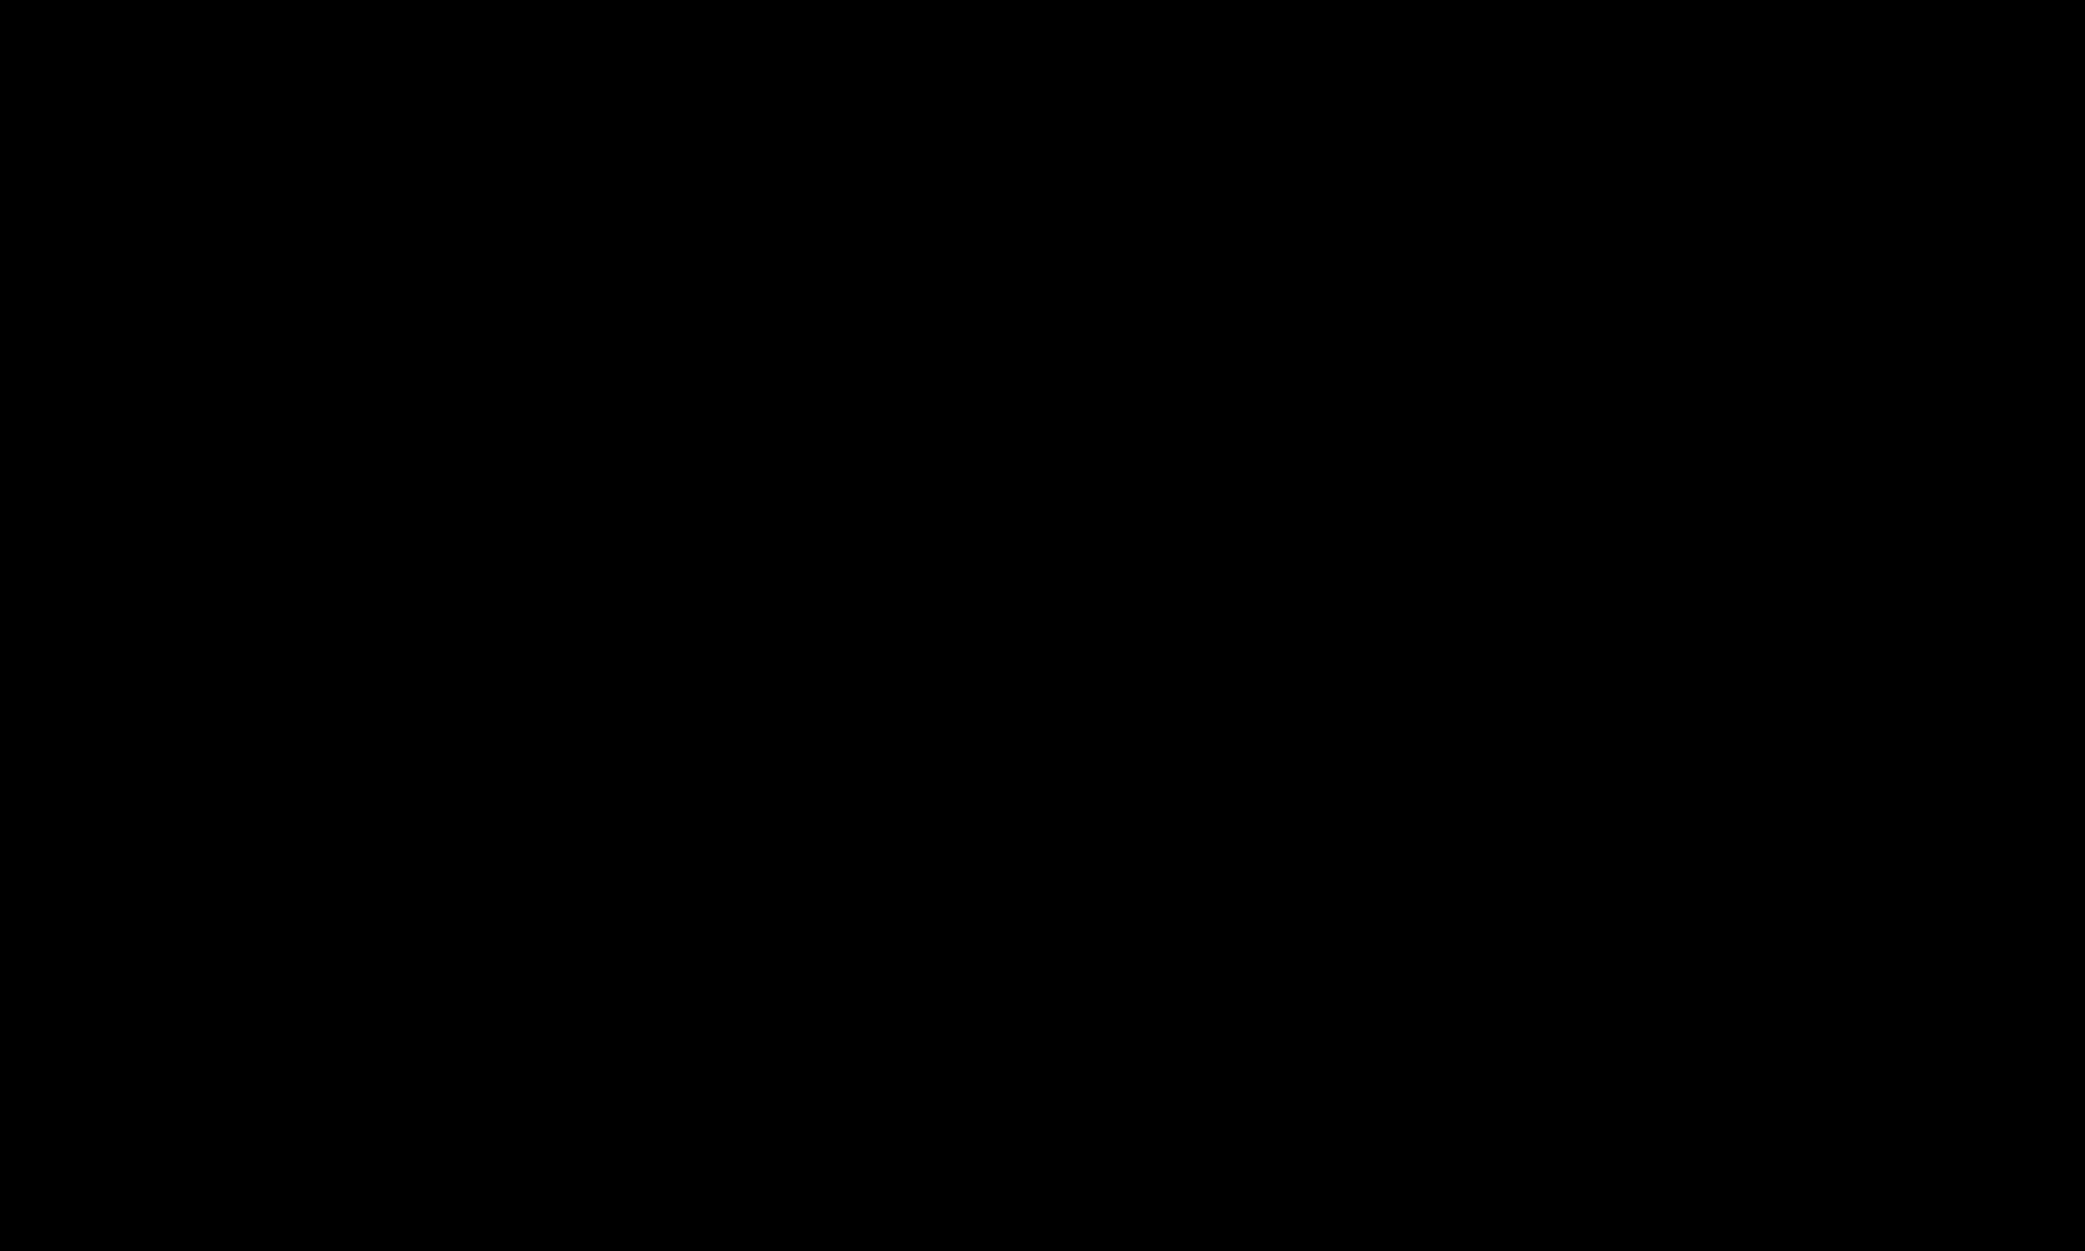 Логотип и Фирменный стиль фото f_58154b1c2e27bd89.png